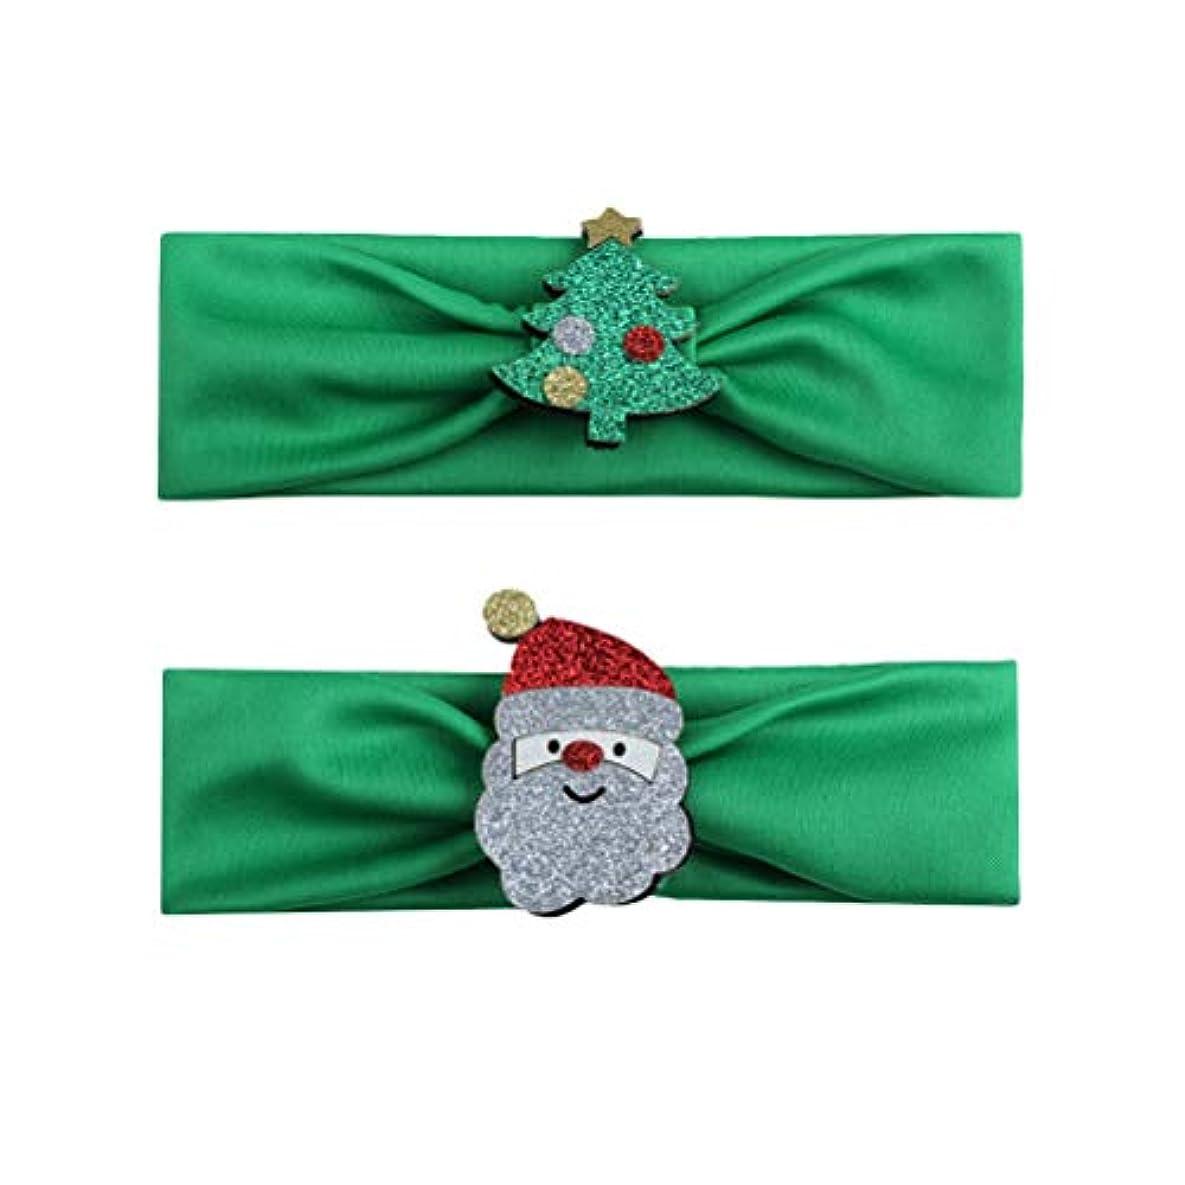 繊毛外側牛肉BESTOYARD 2本の赤ちゃんの少女クリスマスのヘッドバンド、クリスマスツリーサンタクロースの幼児ヘアバンドアクセサリー(グリーン)